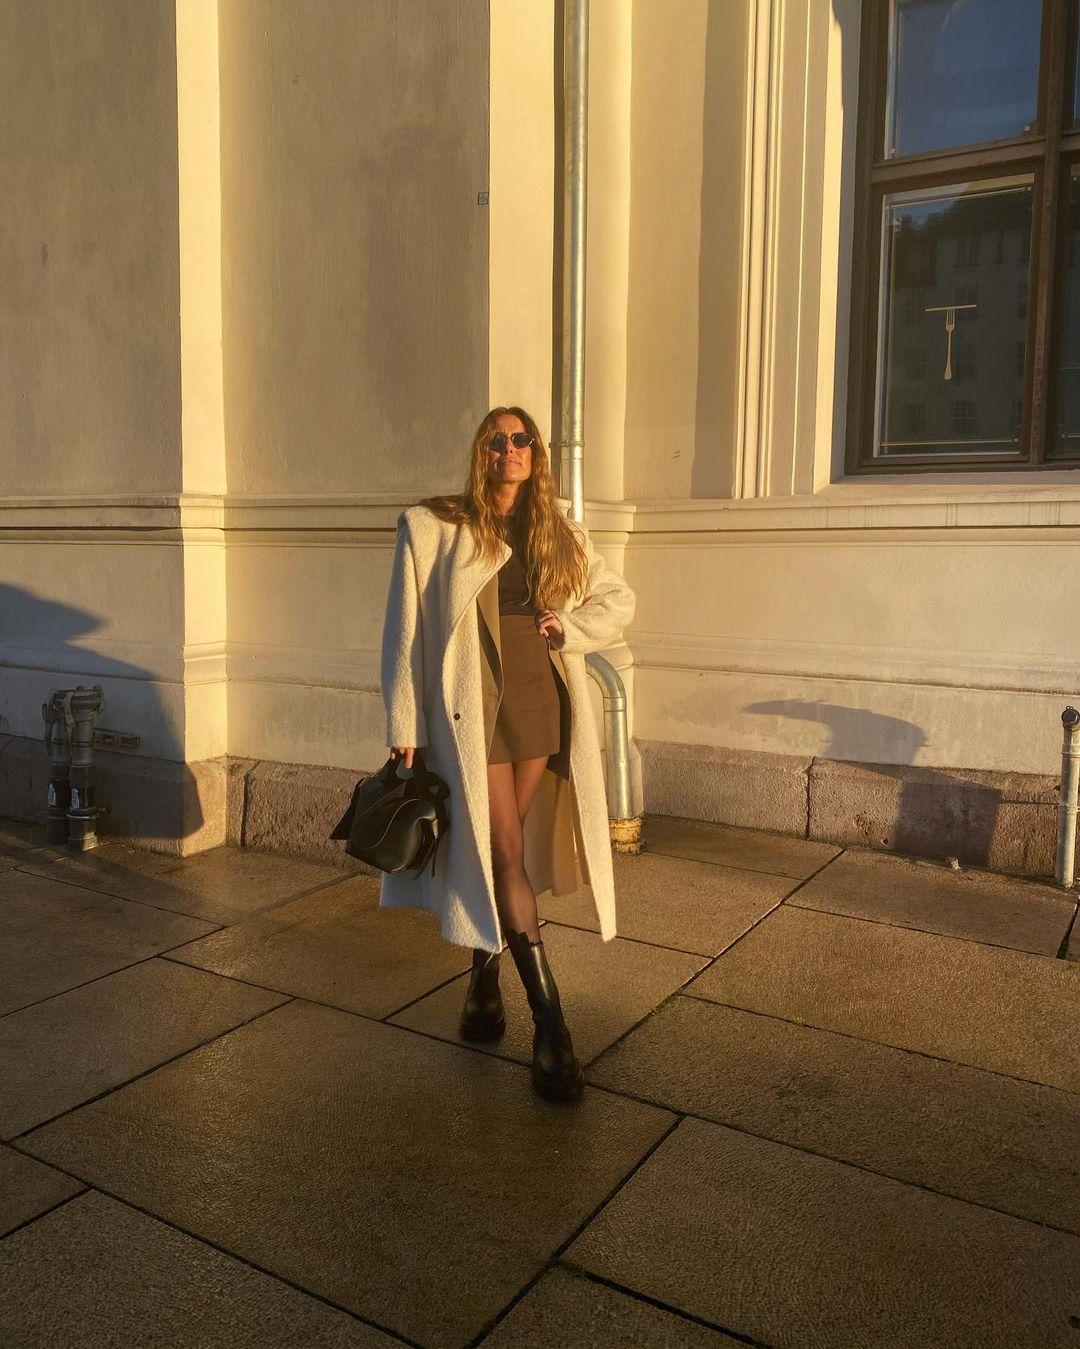 Julie Varner er en av flere norske moteprofiler som gleder seg til å pynte seg hjemme.